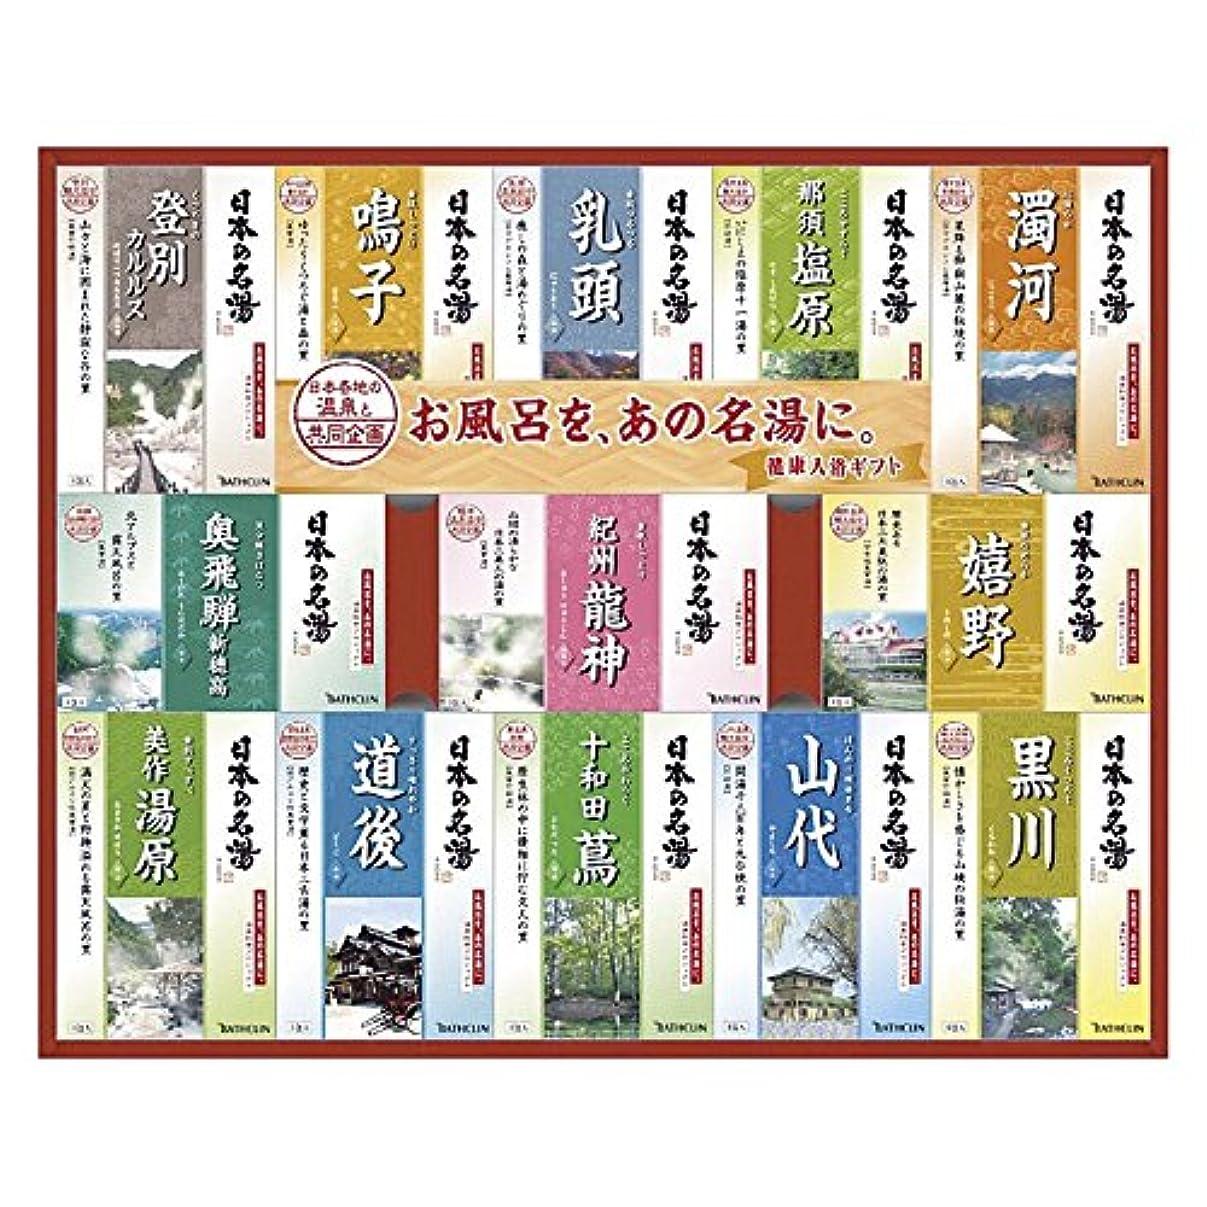 安全性株式会社メロドラマティックバスクリン 日本の名湯 ギフトセット 【保湿 ギフト 温泉 発汗 セット あったまる いろいろ うるおい うるおう しっとり すべすべ はっかん 極楽 ごくらく ゆったり ばすくりん 5000】